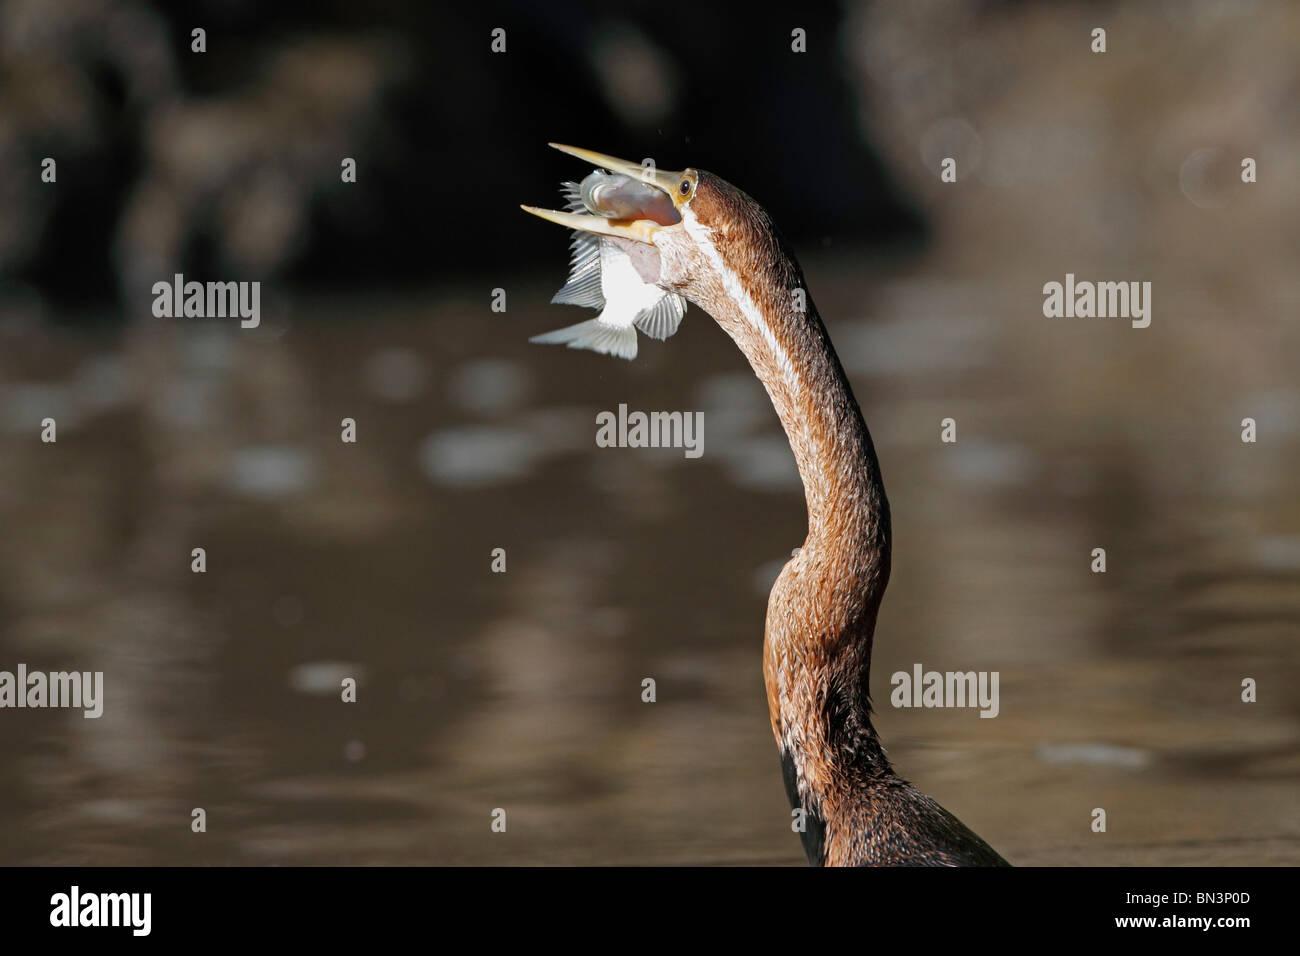 African Darter, Anhinga melanogaster rufa, eating prey, Gambia, Westafrika, Afrika - Stock Image